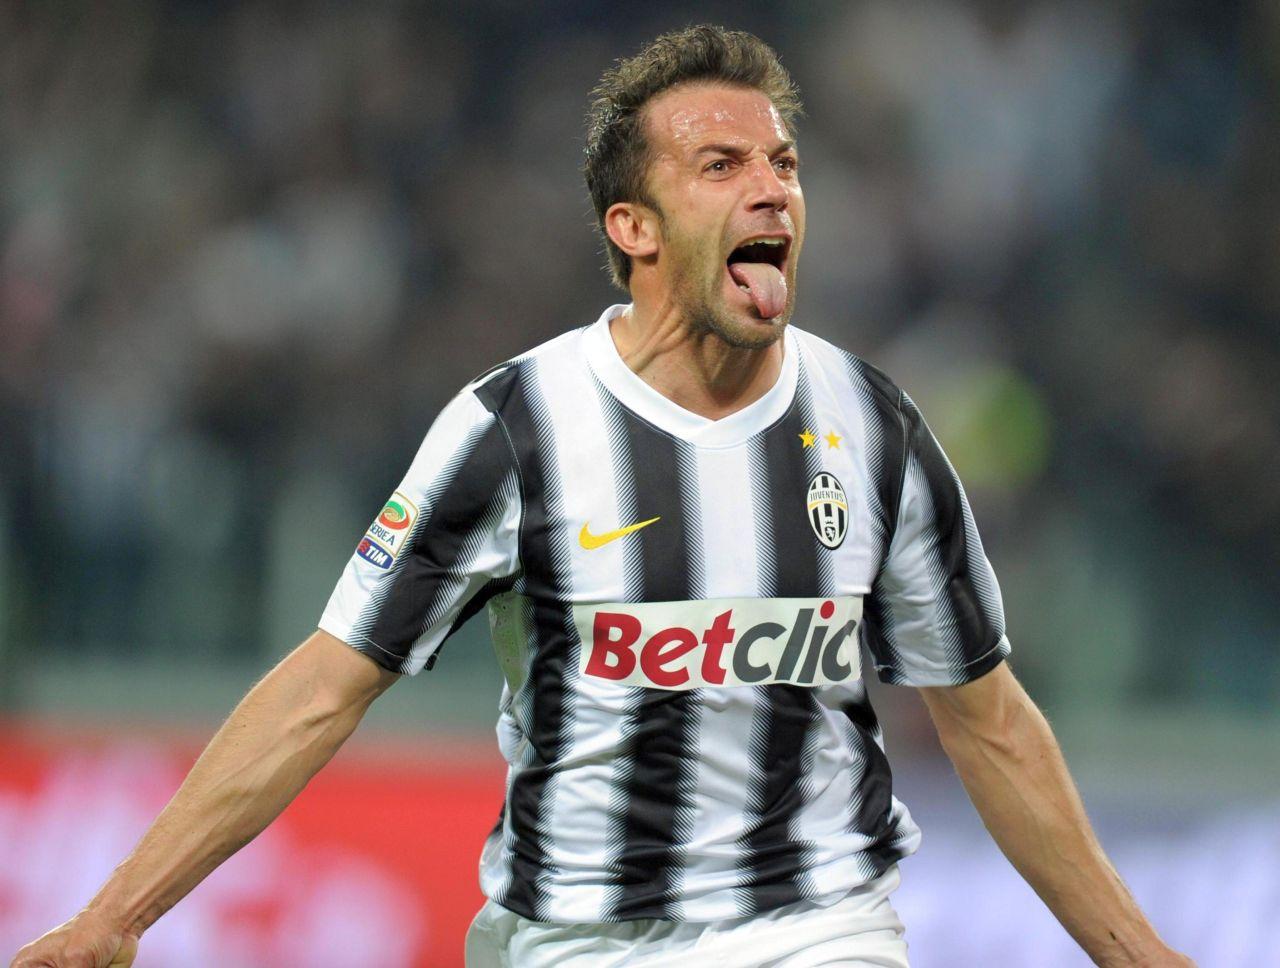 Del Piero compie 46 anni: gli auguri dei tifosi della Juventus al campione